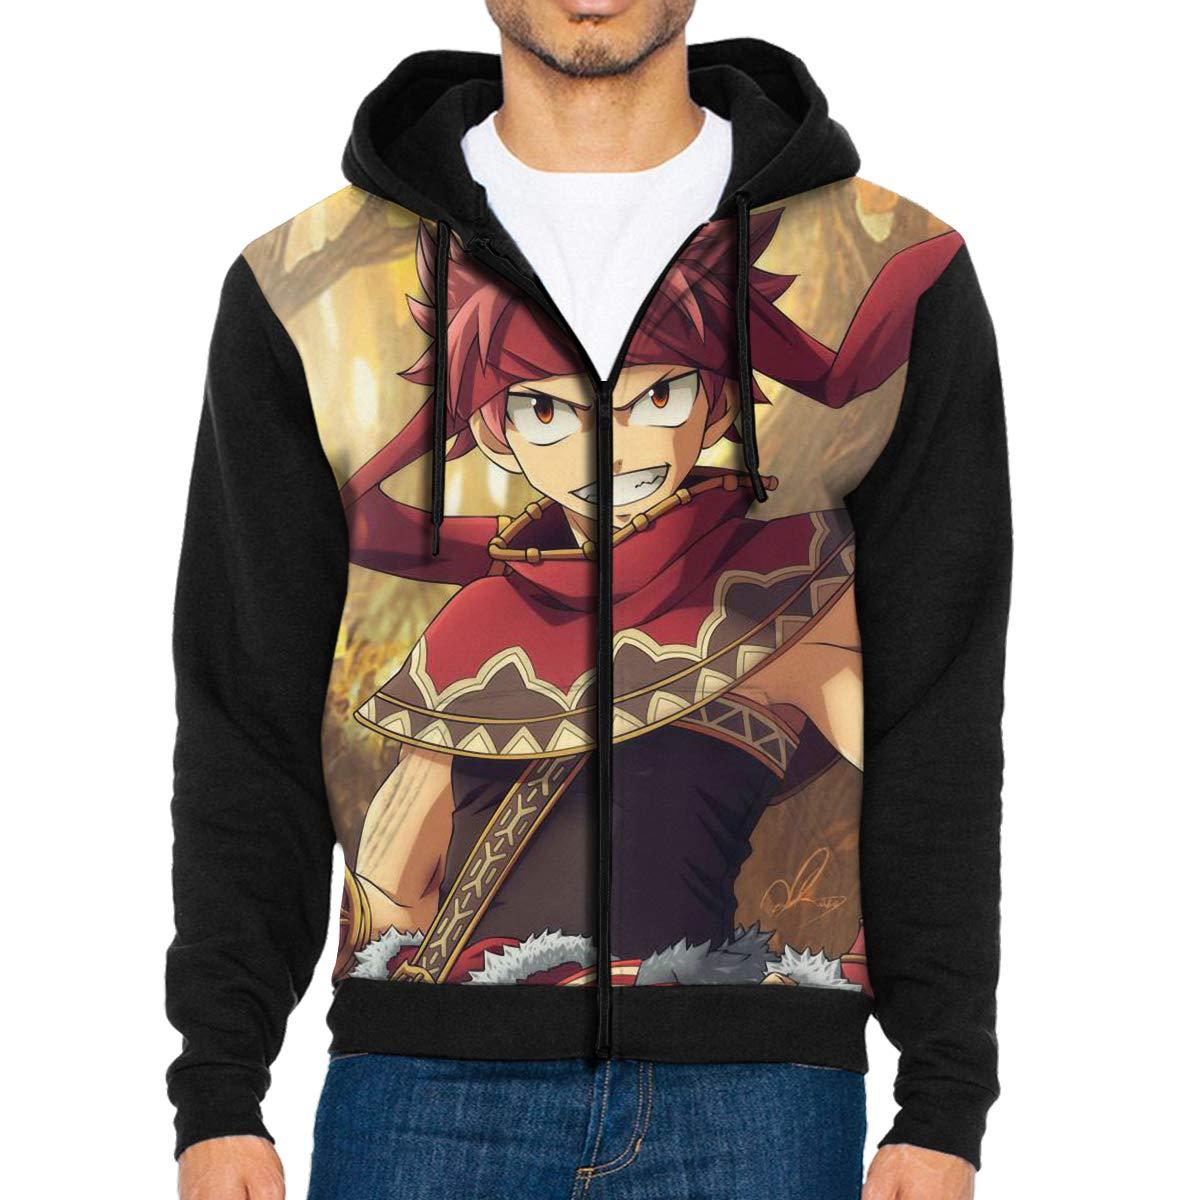 ZWLLWYL22 Mens Jacket Sweatshirt Natsu Dragneel Hoodies for Men Lightweight Sports Full Zip Hoodie Hooded